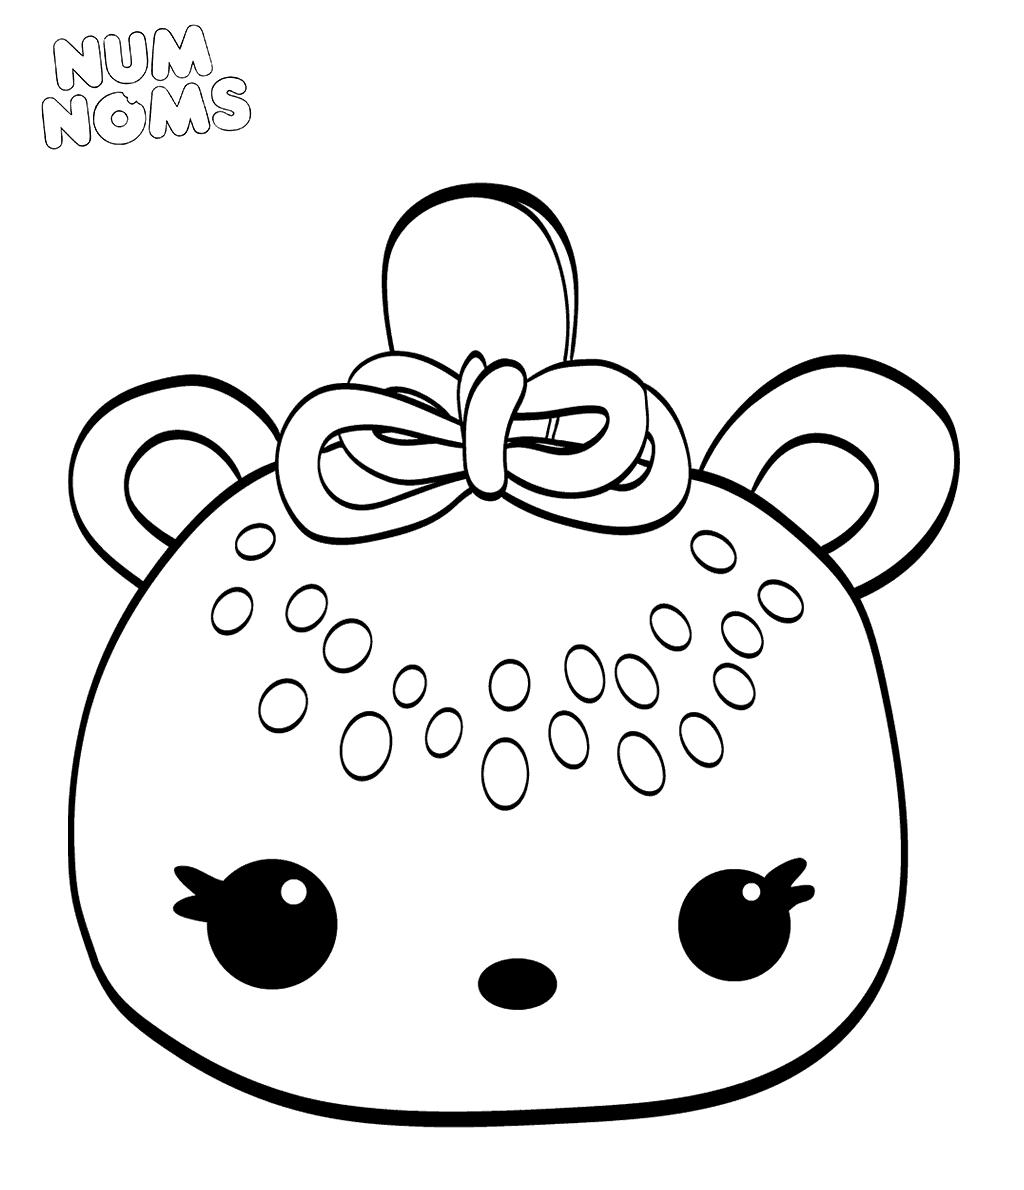 Kiwi Freezie Num Noms Coloring Pages Printable Coloring Pages Cool Coloring Pages Skull Coloring Pages